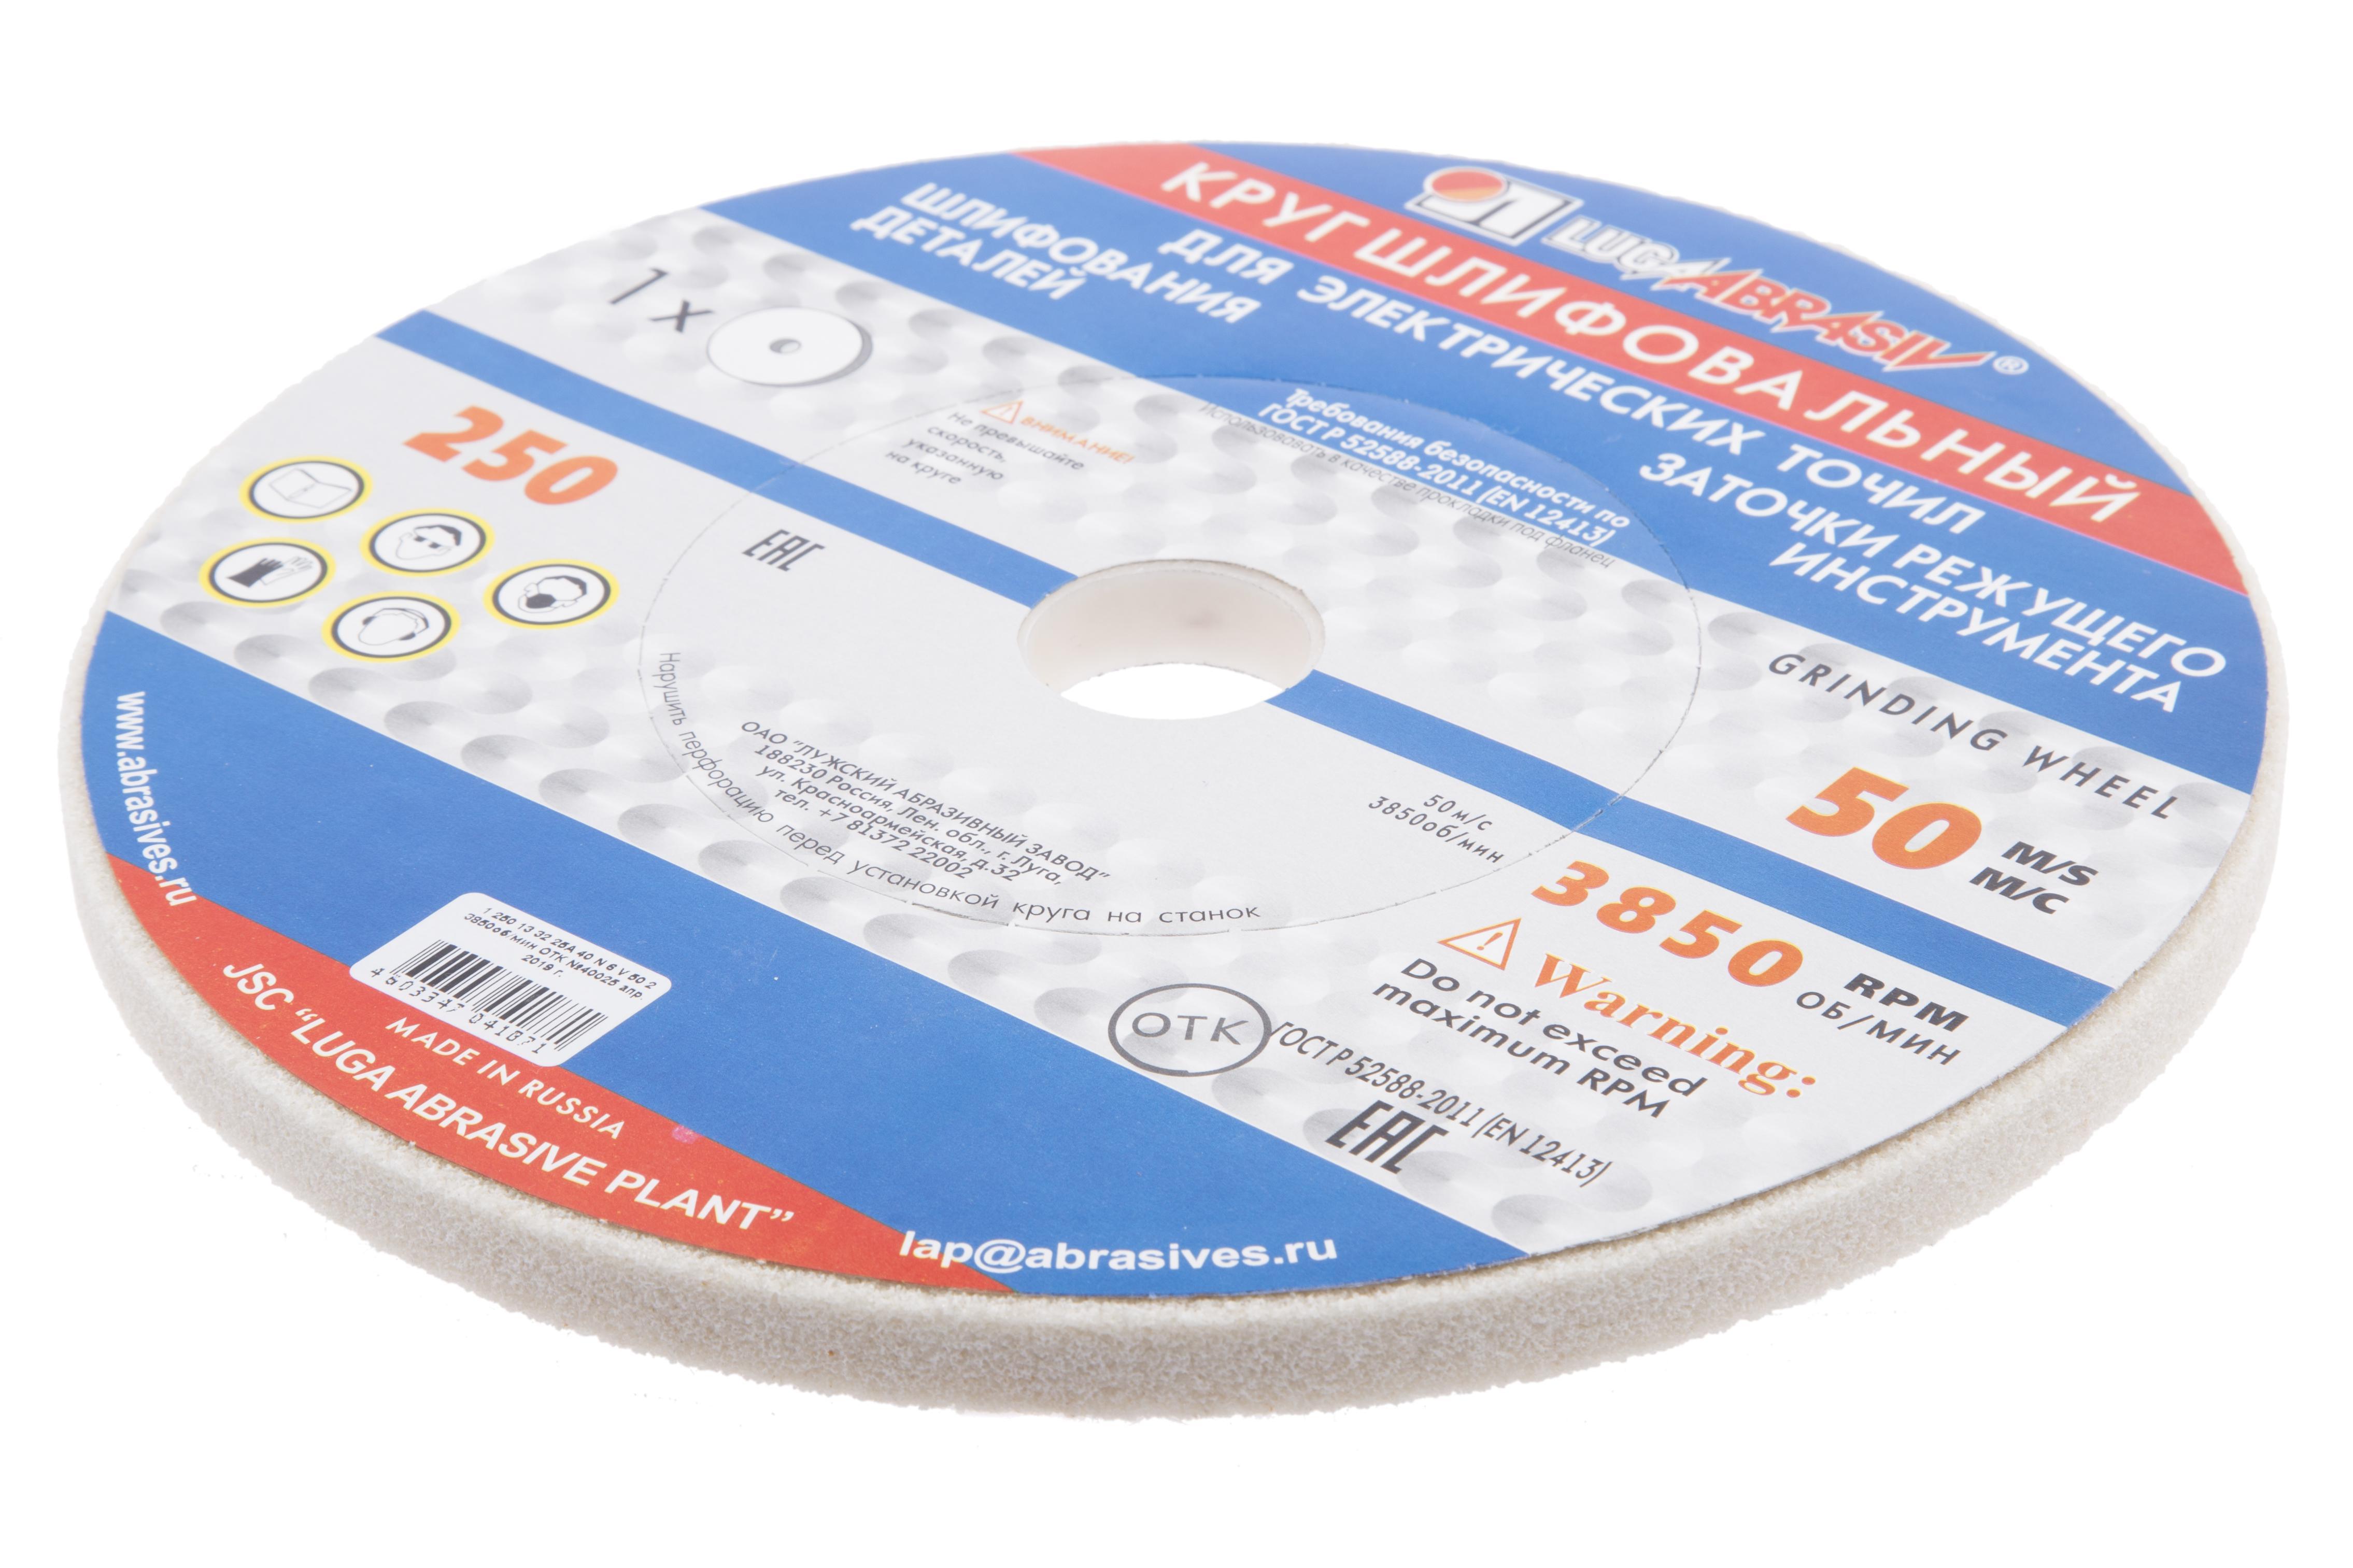 Круг шлифовальный ЛУГА-АБРАЗИВ 1 250 Х 13 Х 32 25А 40 m,n катушка индуктивности jantzen air core wire coil 1 40 mm 1 13 mh 0 32 ohm 1984